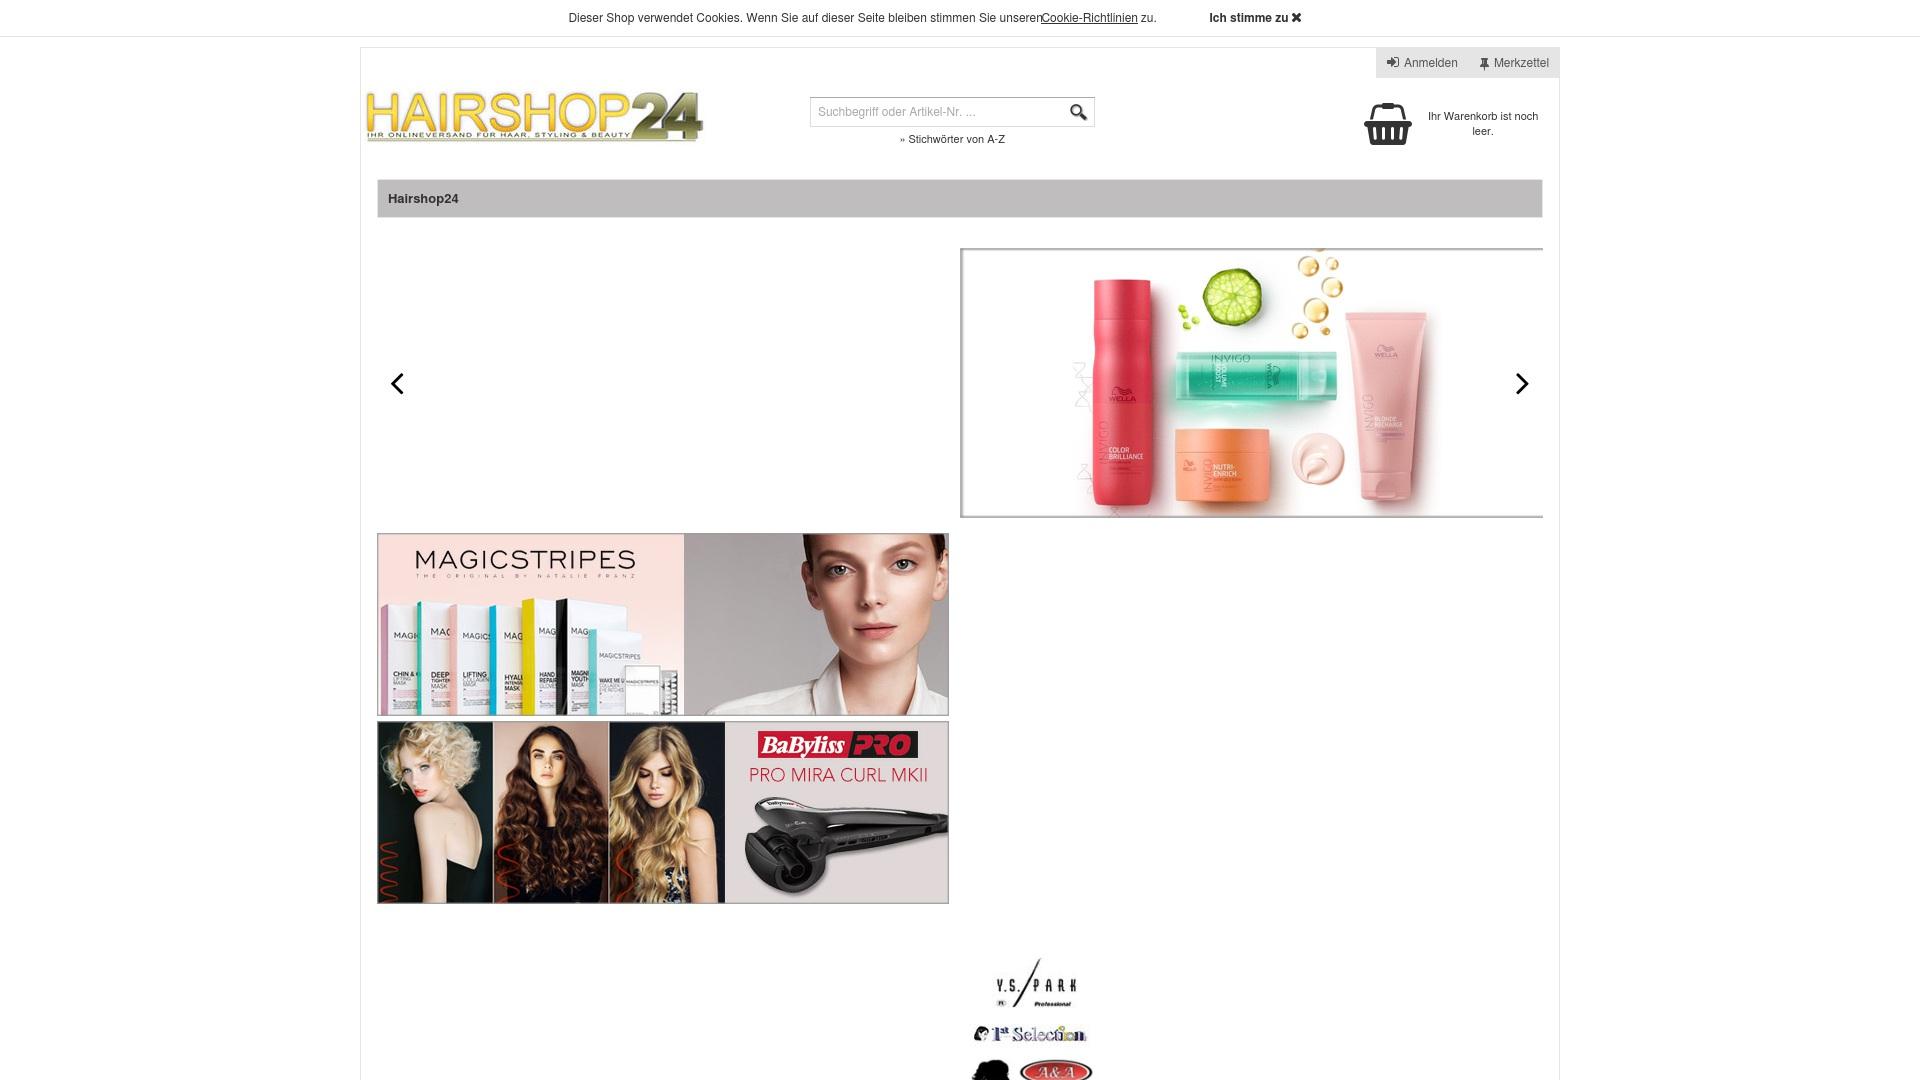 Gutschein für Hairshop24: Rabatte für  Hairshop24 sichern